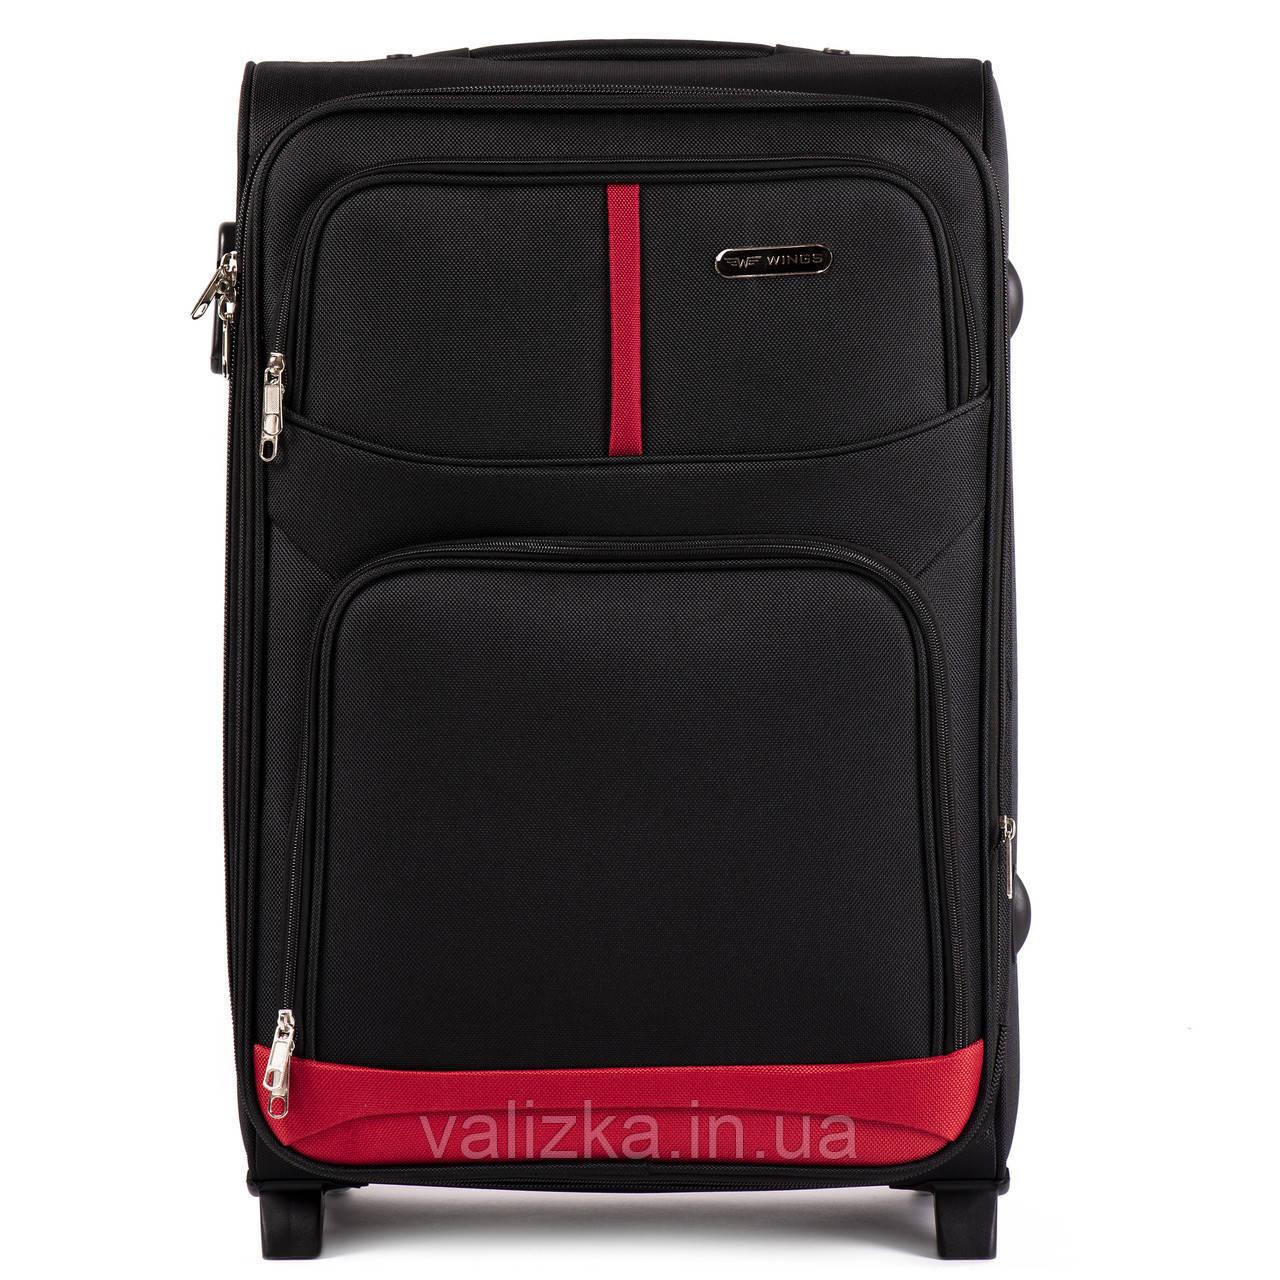 Средний текстильный чемодан на 2-х колесах Wings-206 черного цвета.